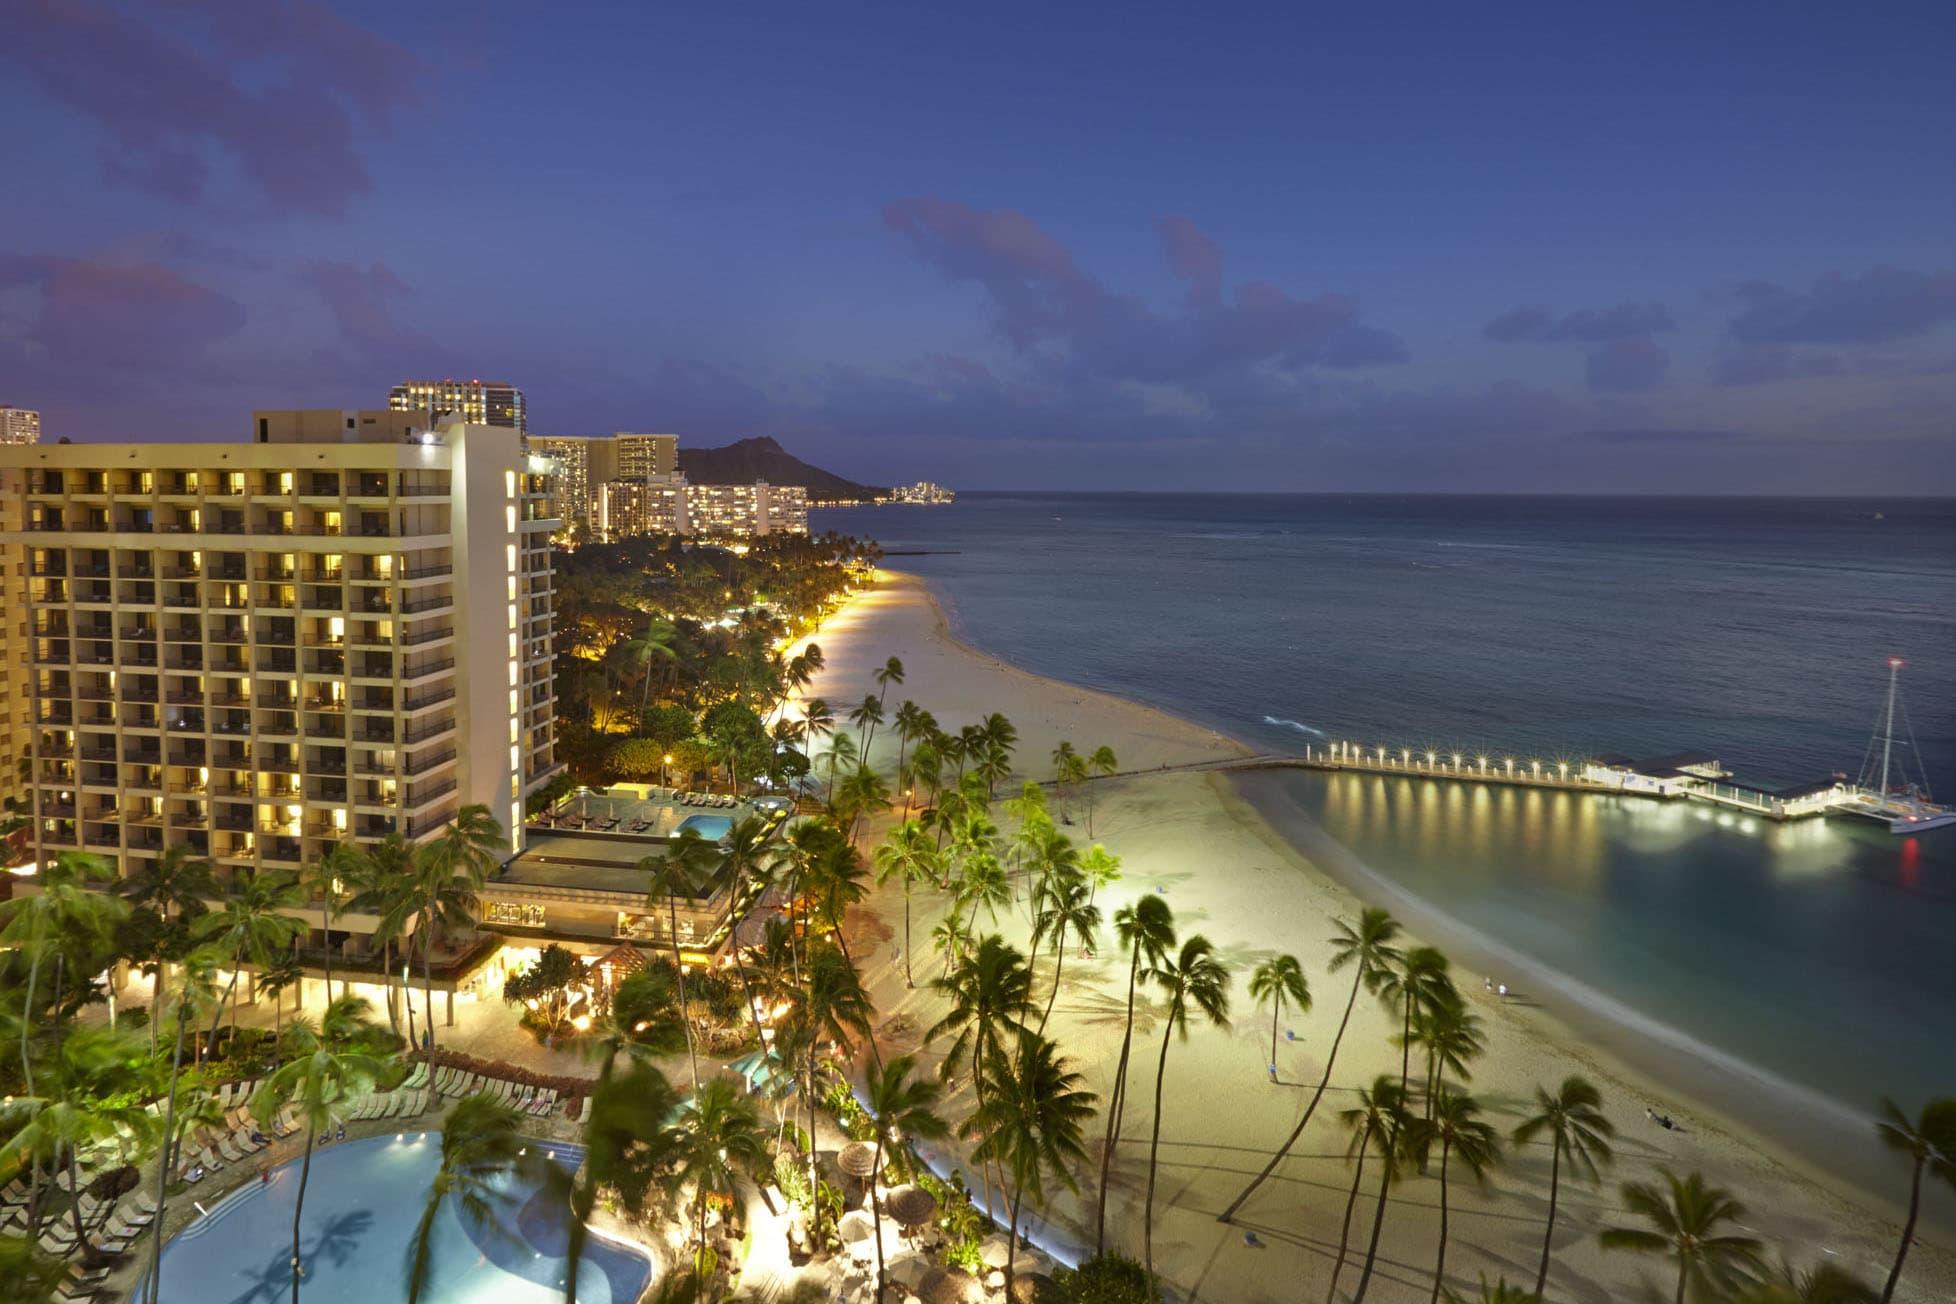 Hilton Hawaiian Village Waikiki Beach Photo Gallery 1956x1304